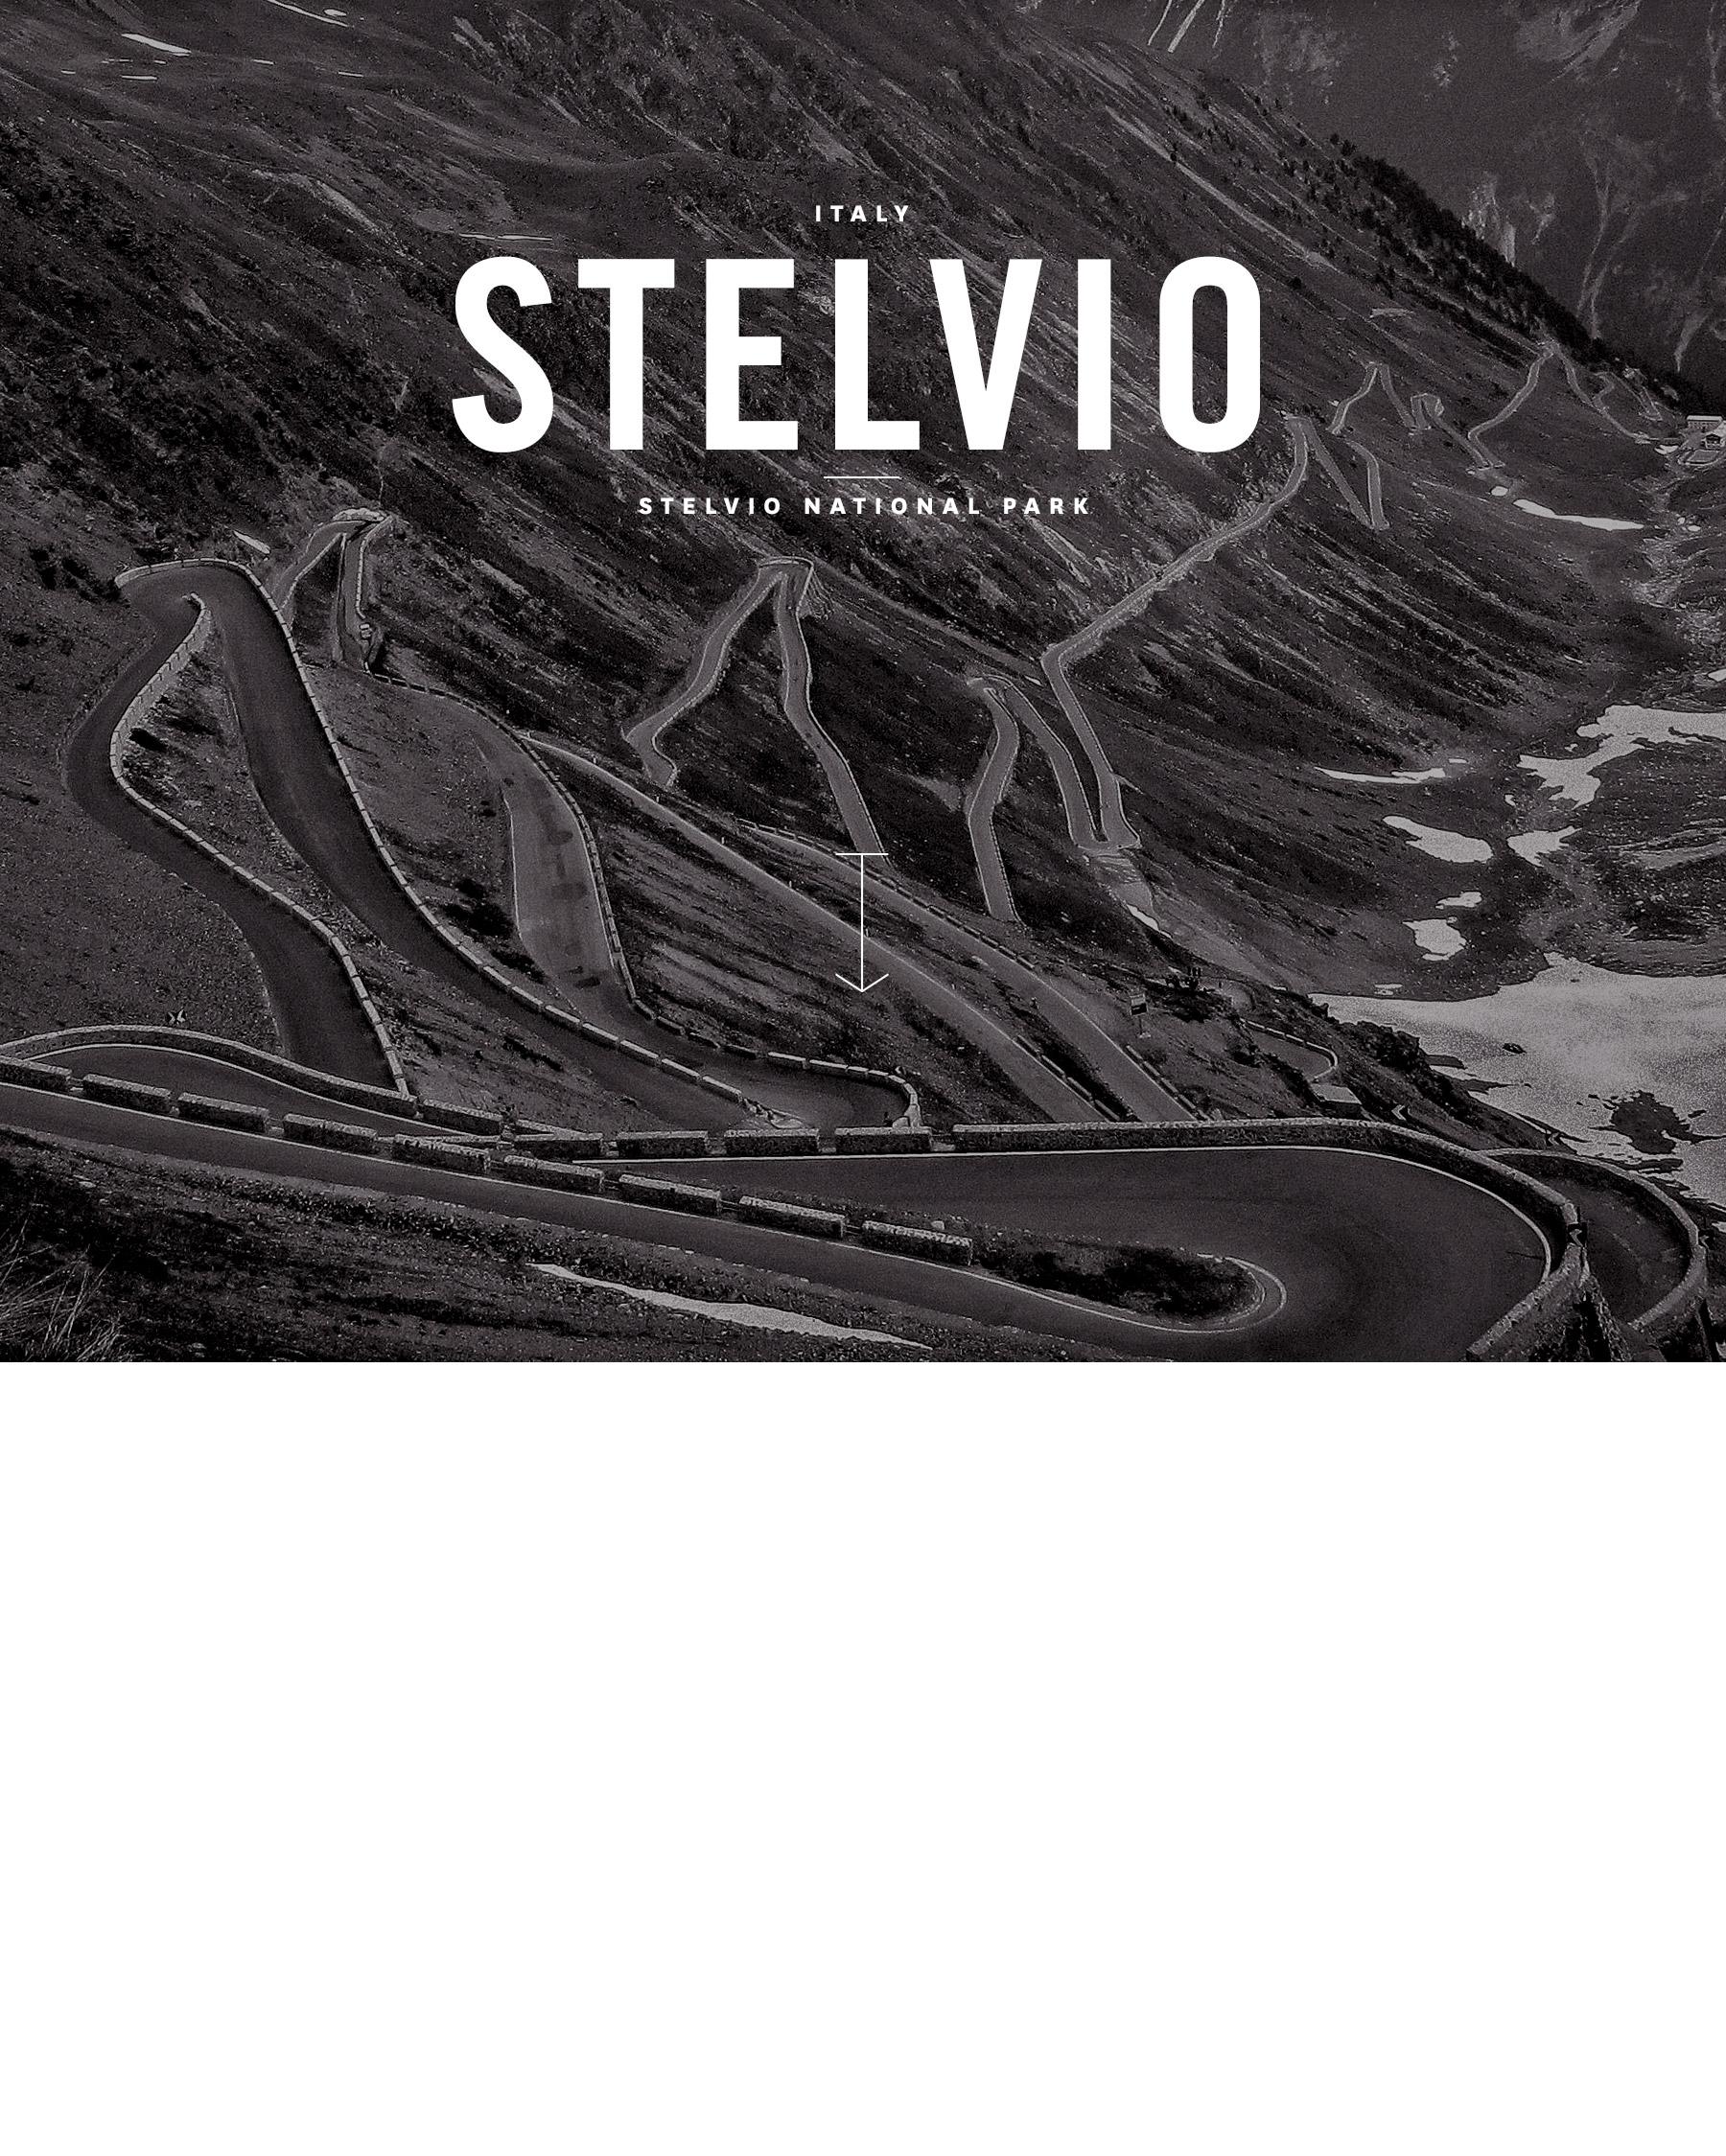 JE_Main_Stelvio00